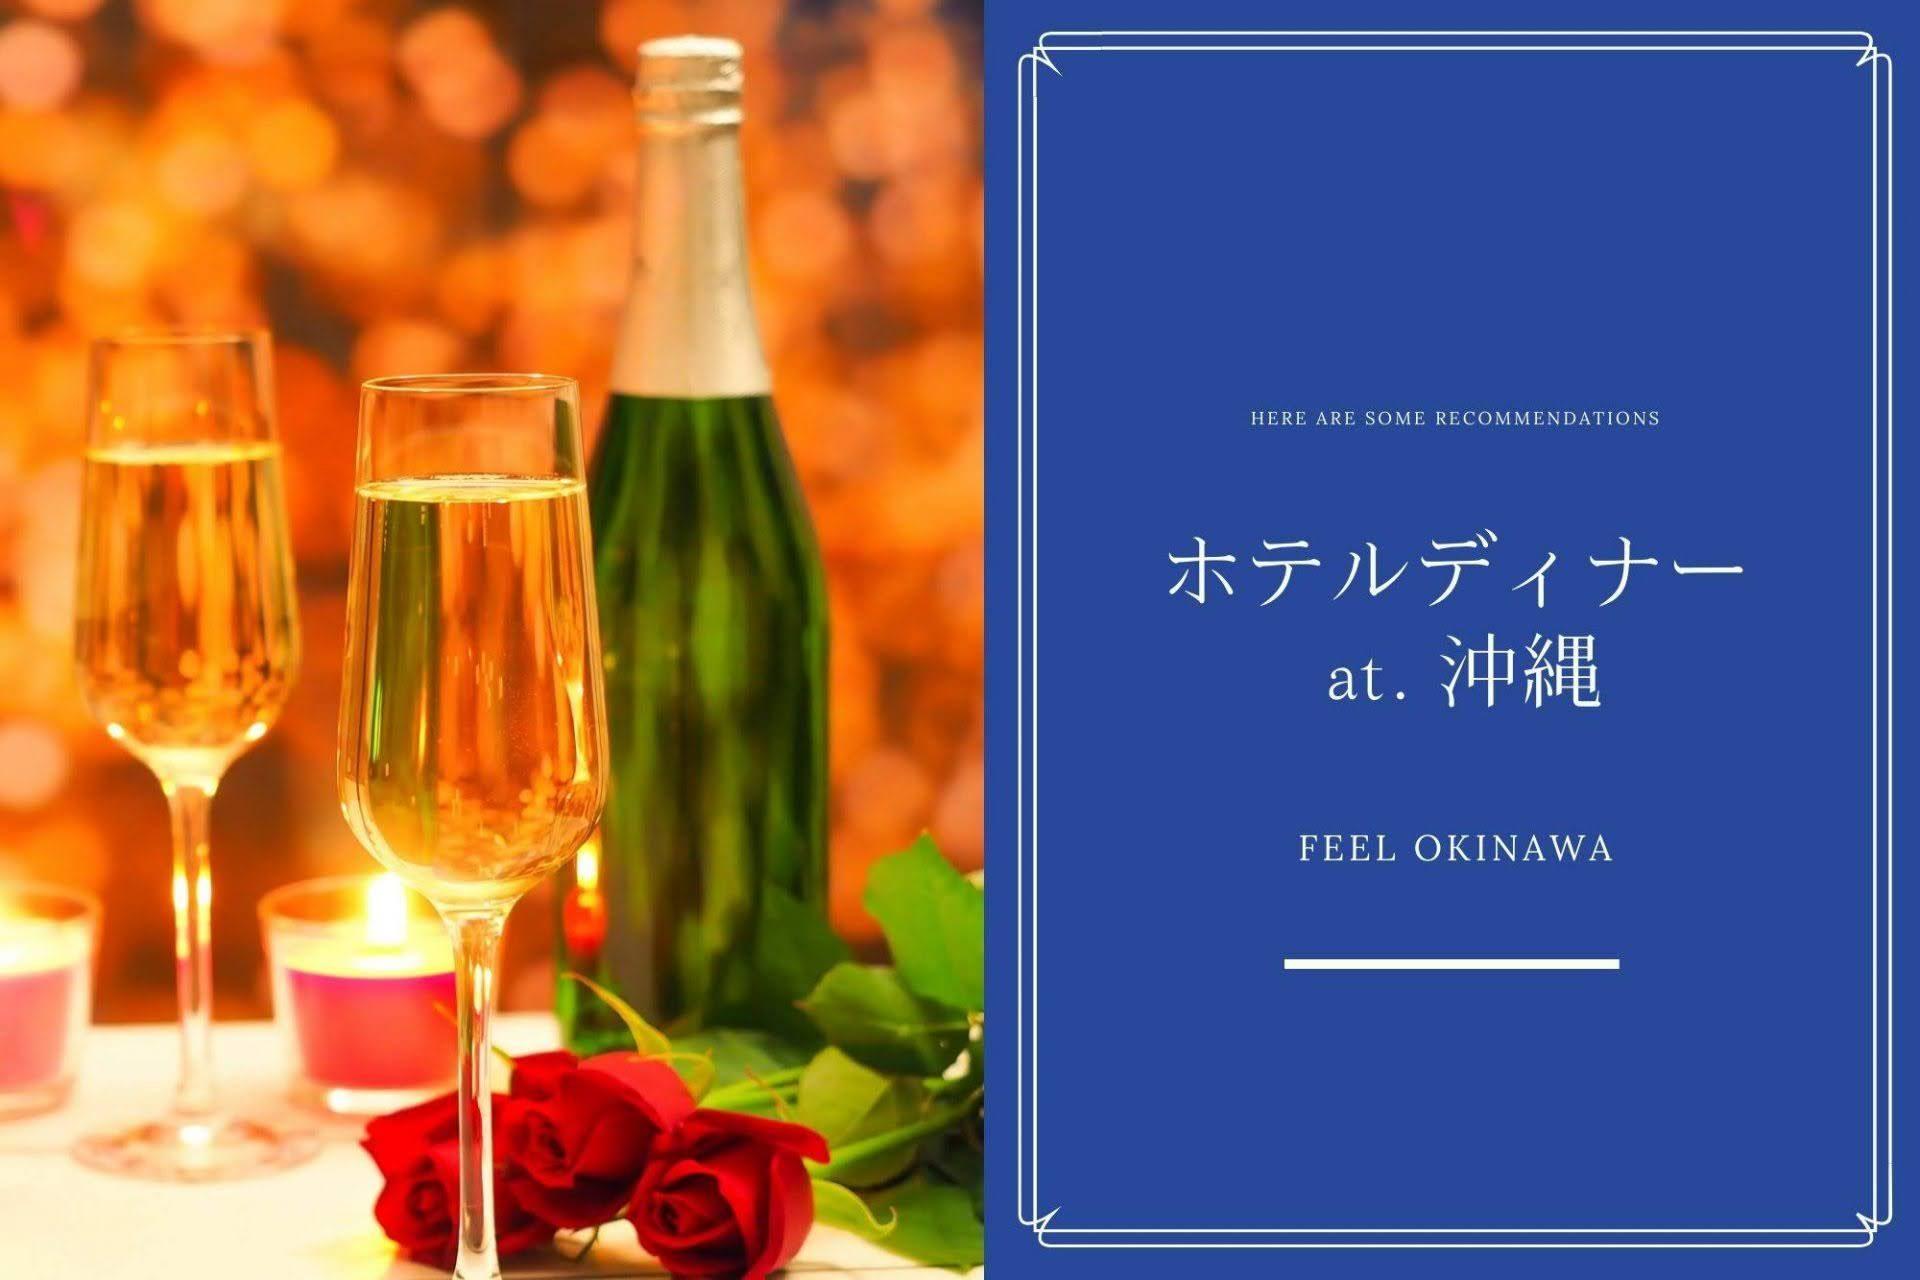 沖縄 ホテル ディナー